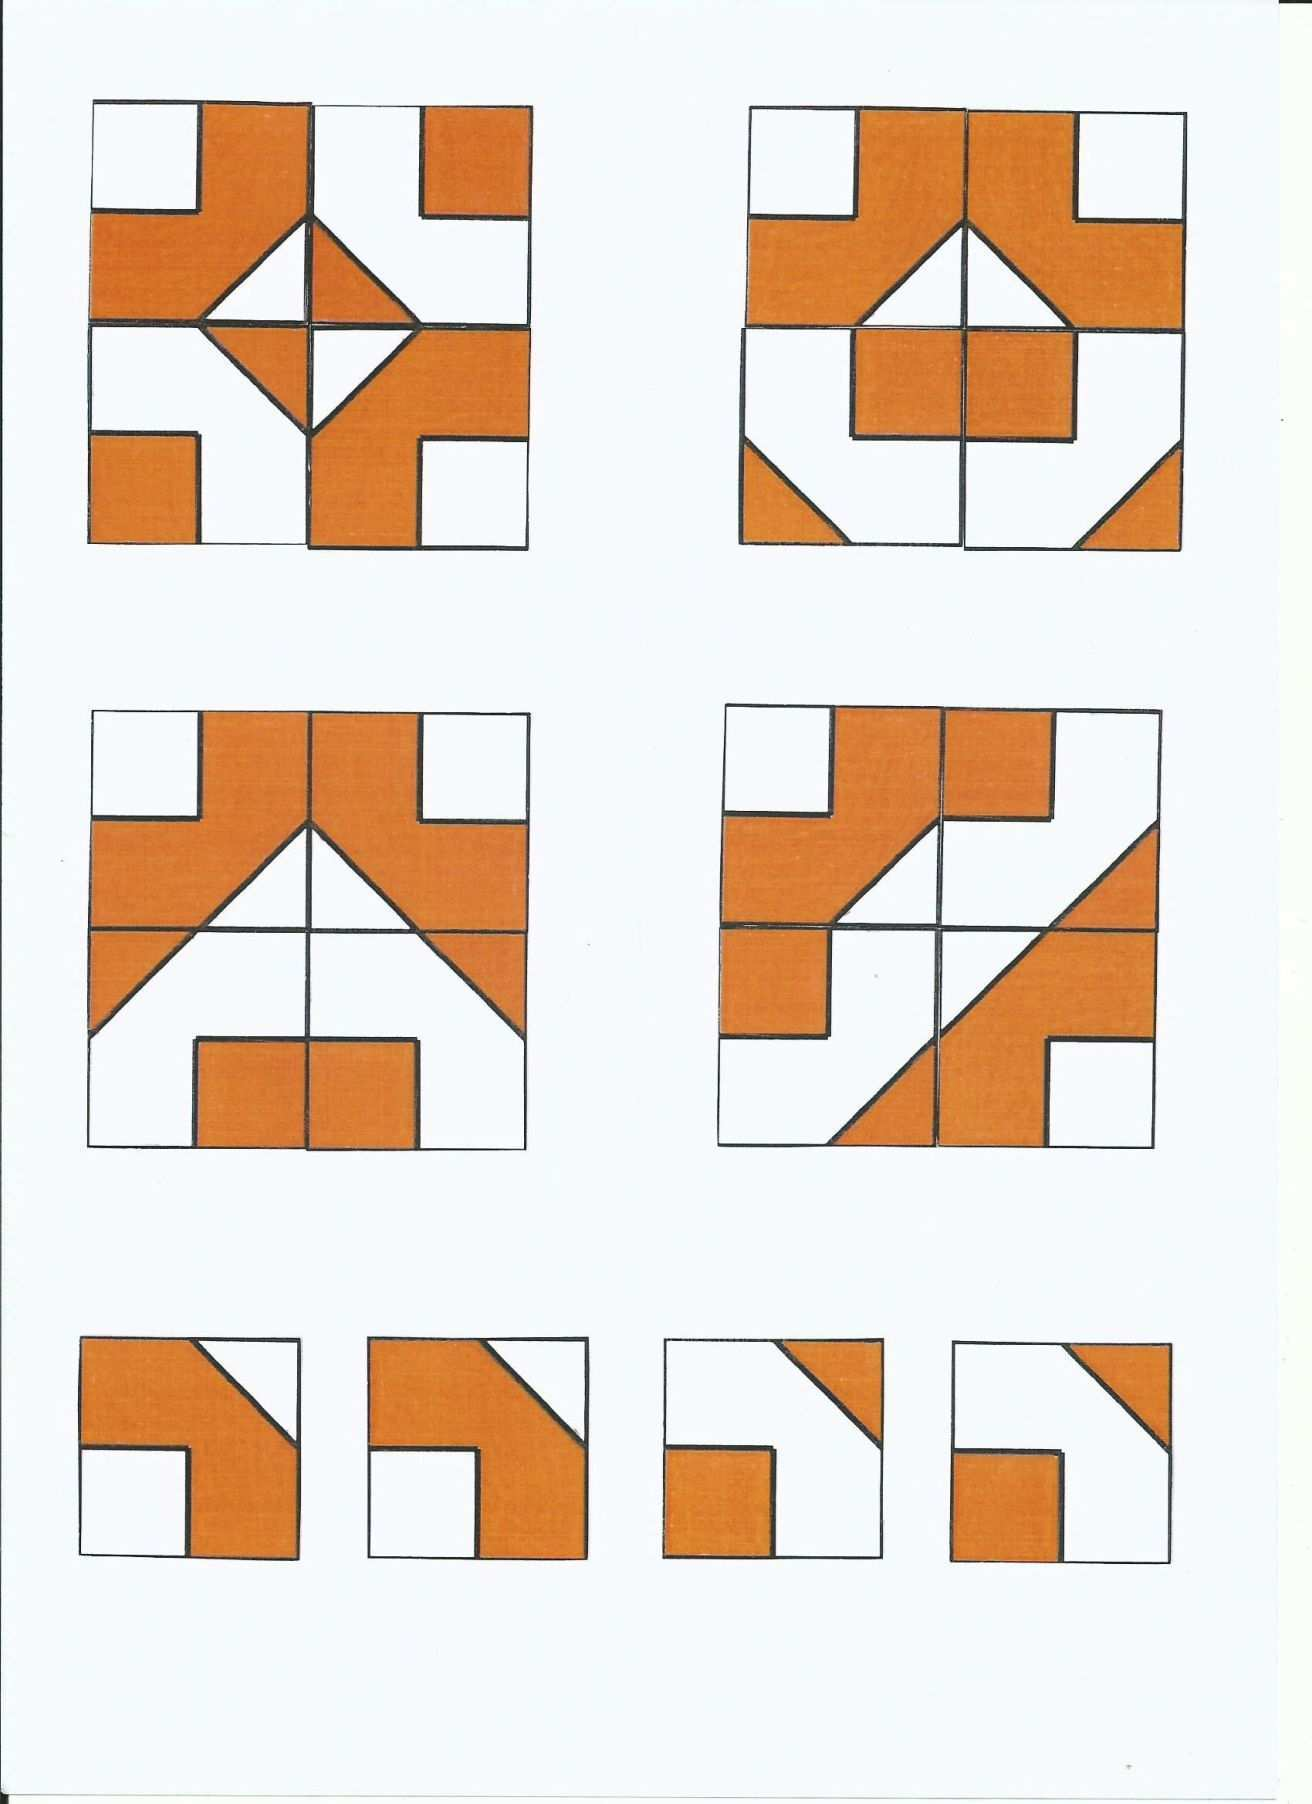 Viele Neue Puzzleaufgaben In 2020 Mathe Tricks Puzzle Neue Wege